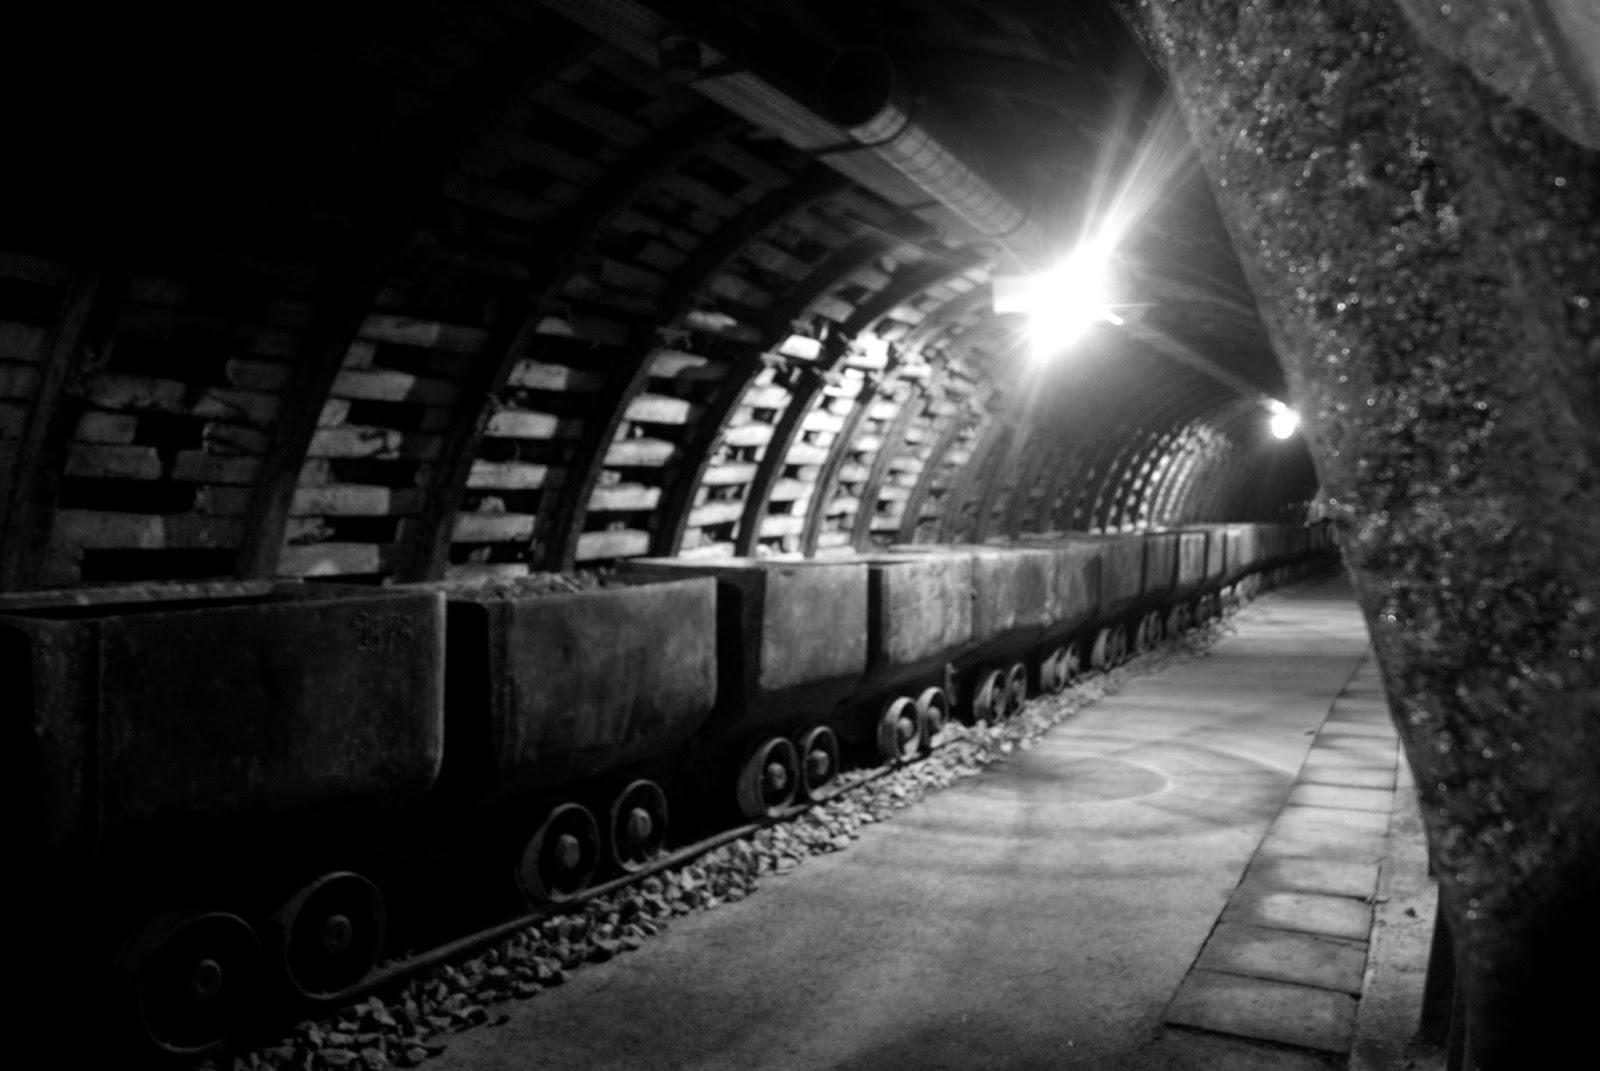 Stara Kopalnia Wałbrzych Marta Deląg photography bw train Fabryka Endorfin